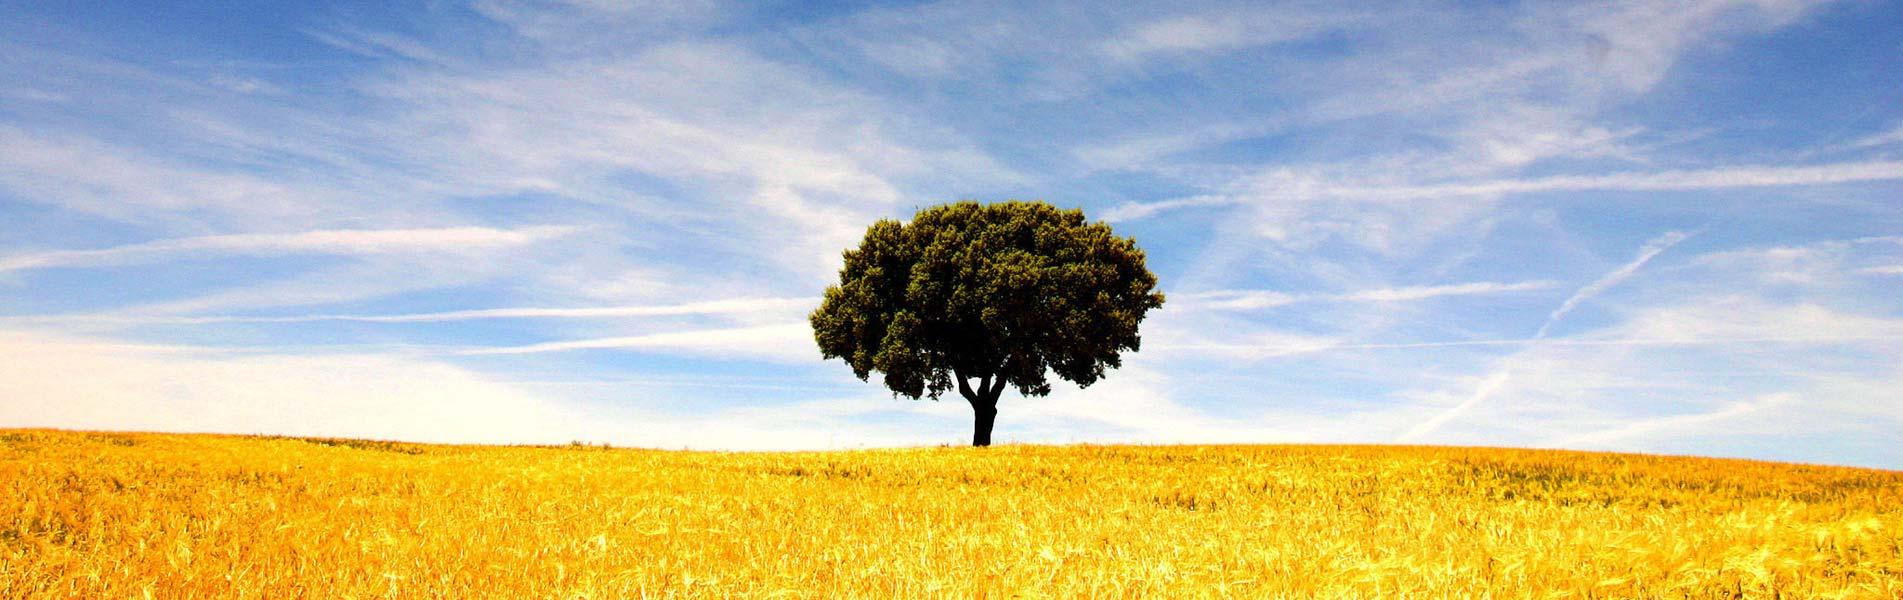 Einzelner Baum im Weizenfeld